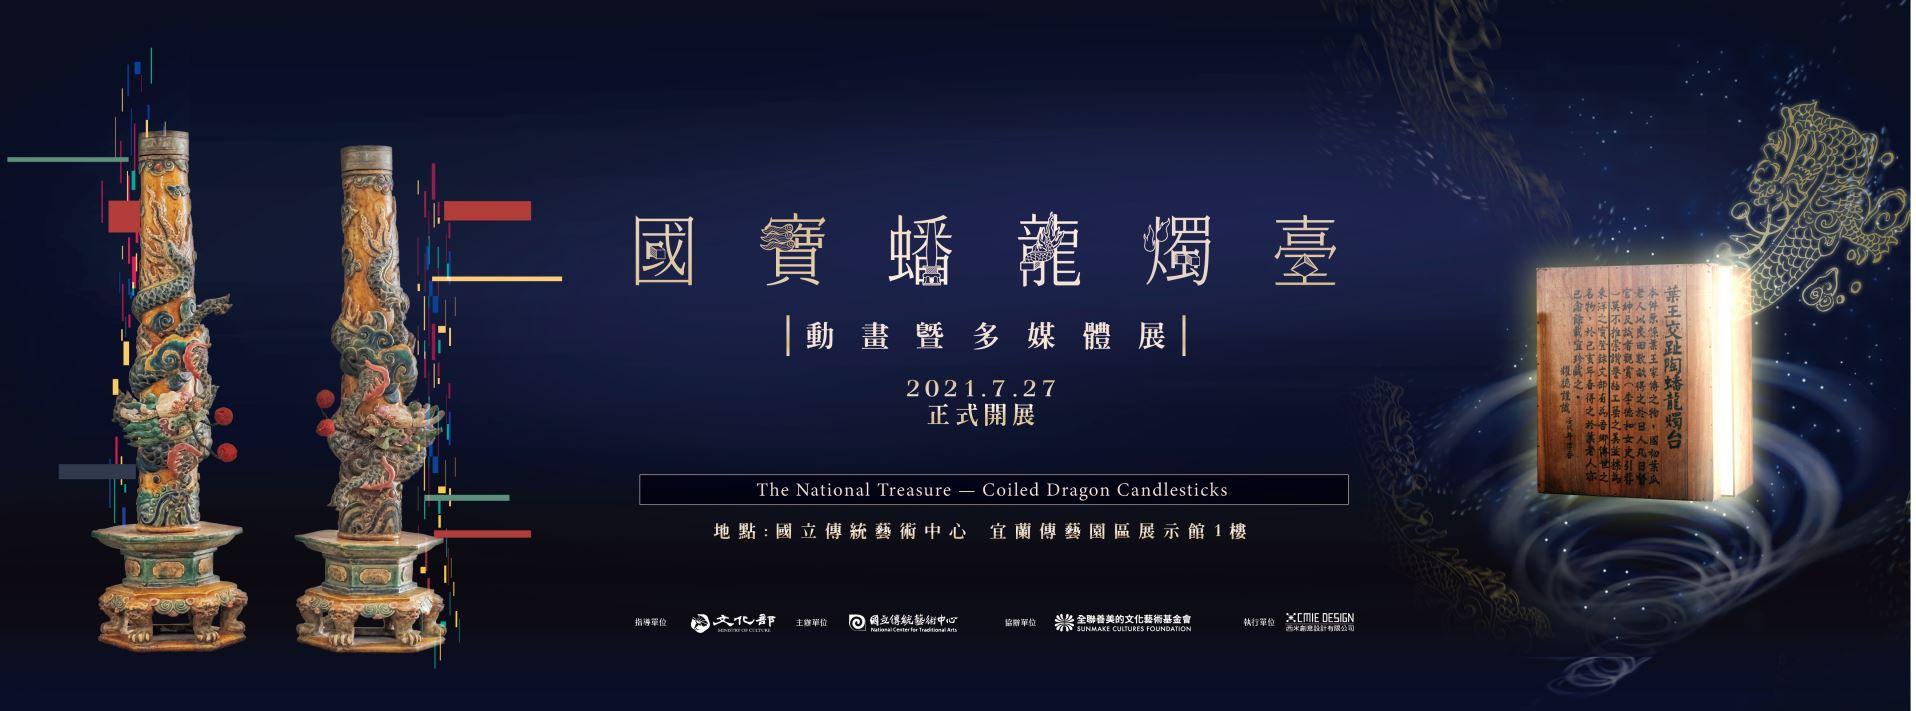 國寶蟠龍燭臺動畫暨多媒體展「另開新視窗」